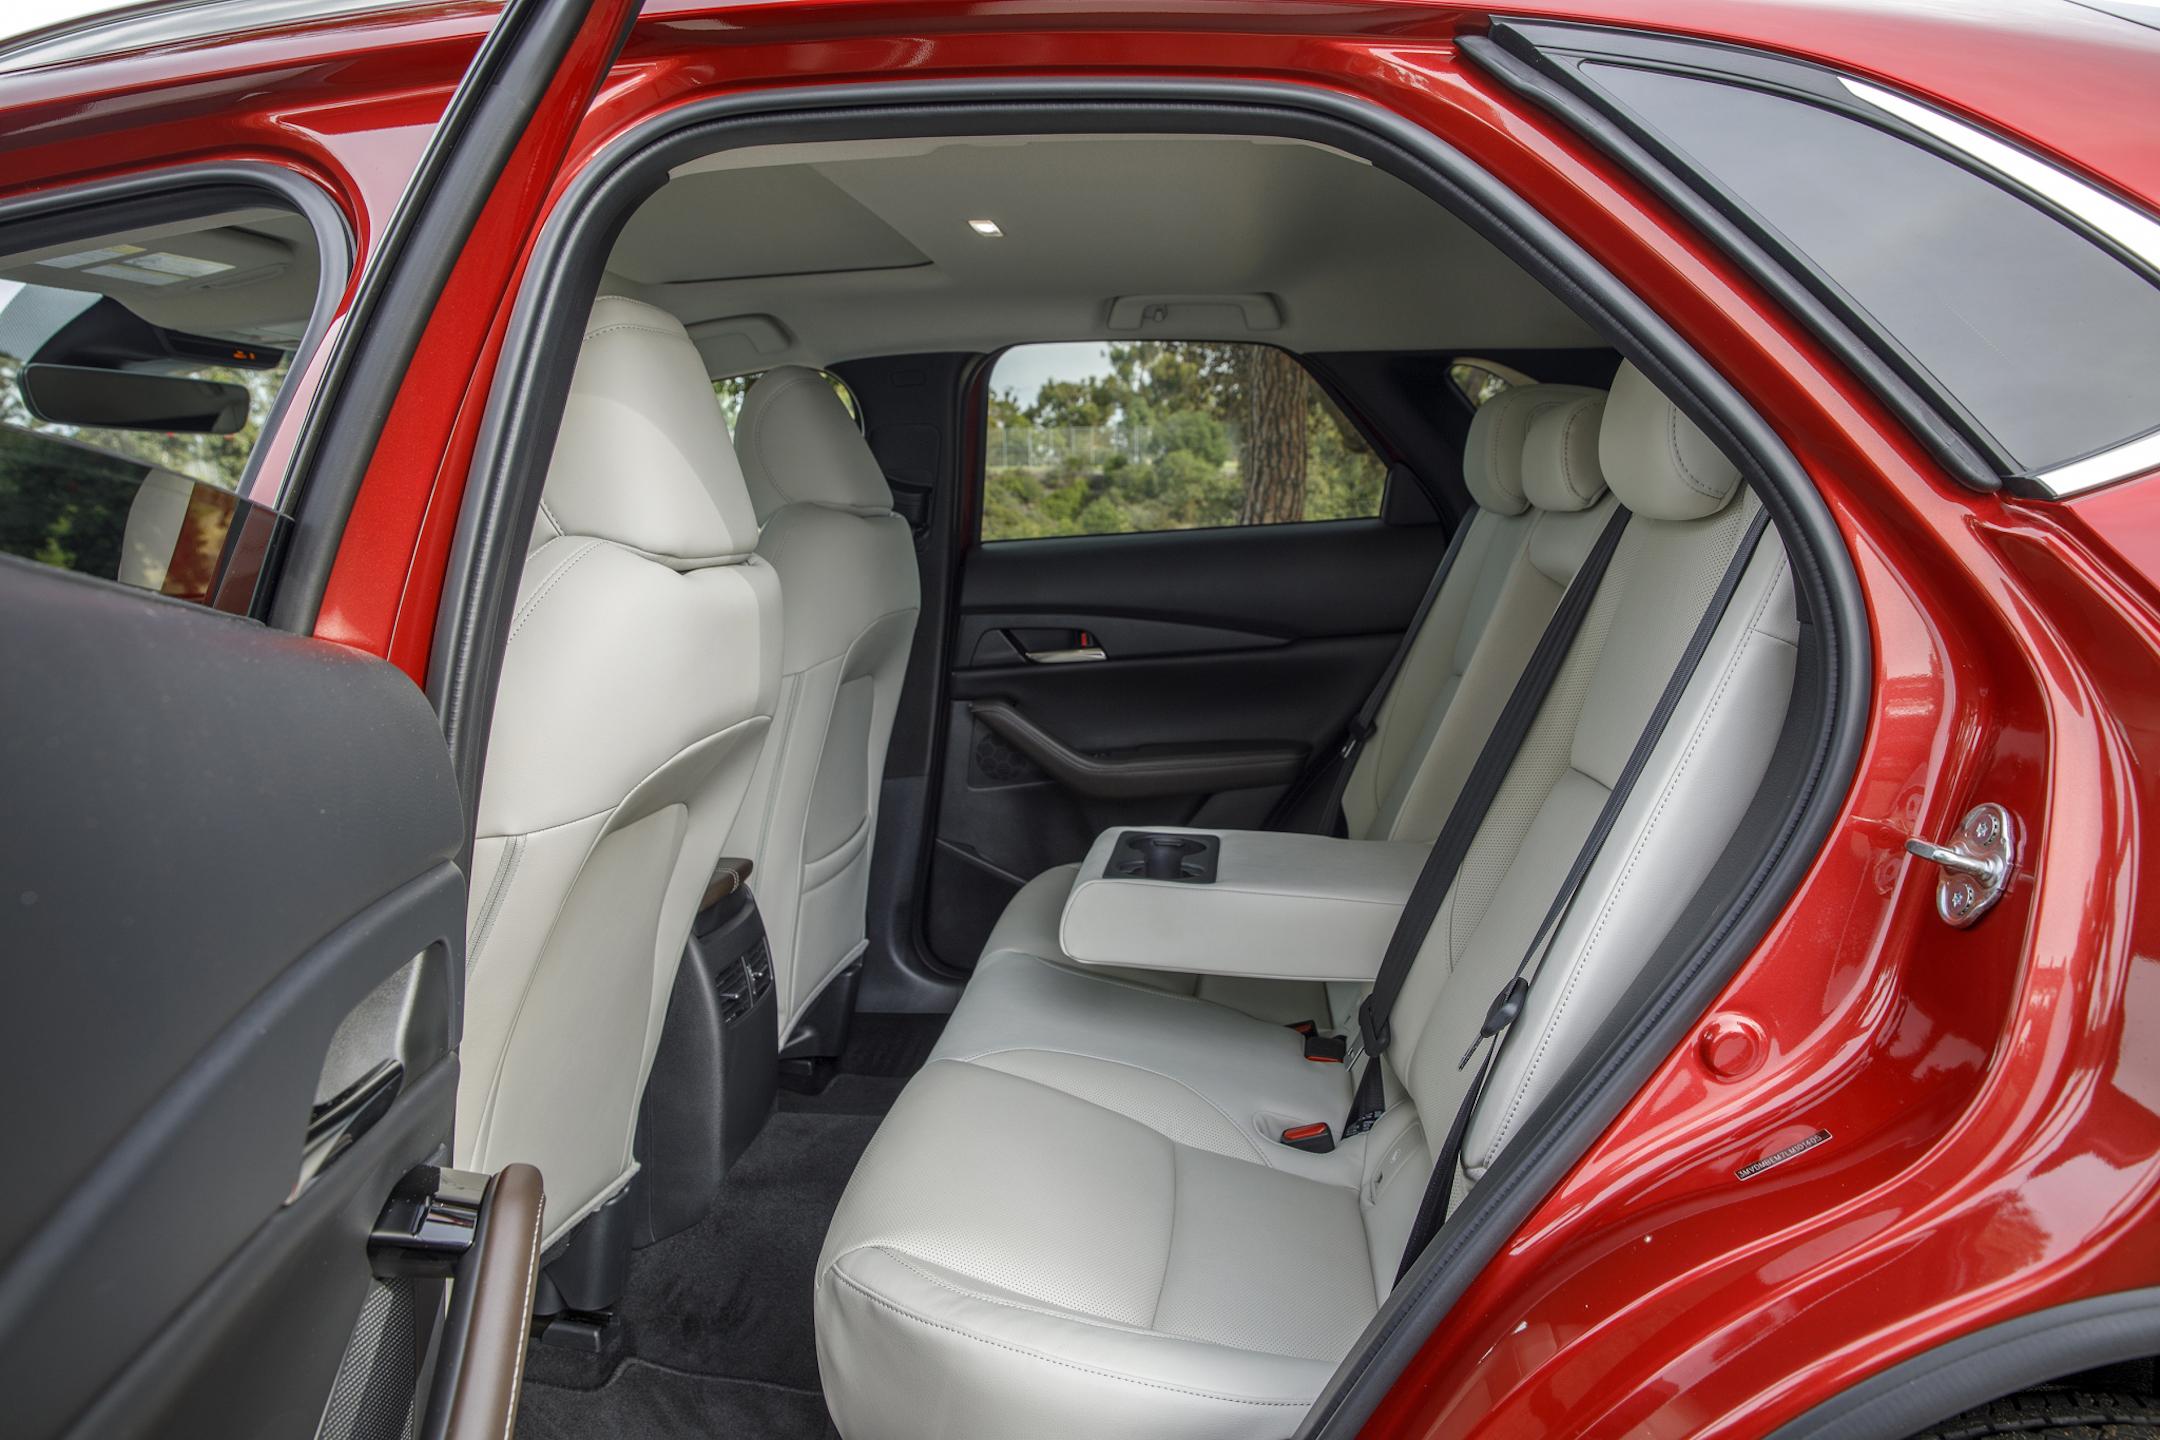 2020_Mazda_CX-30_Interior_5